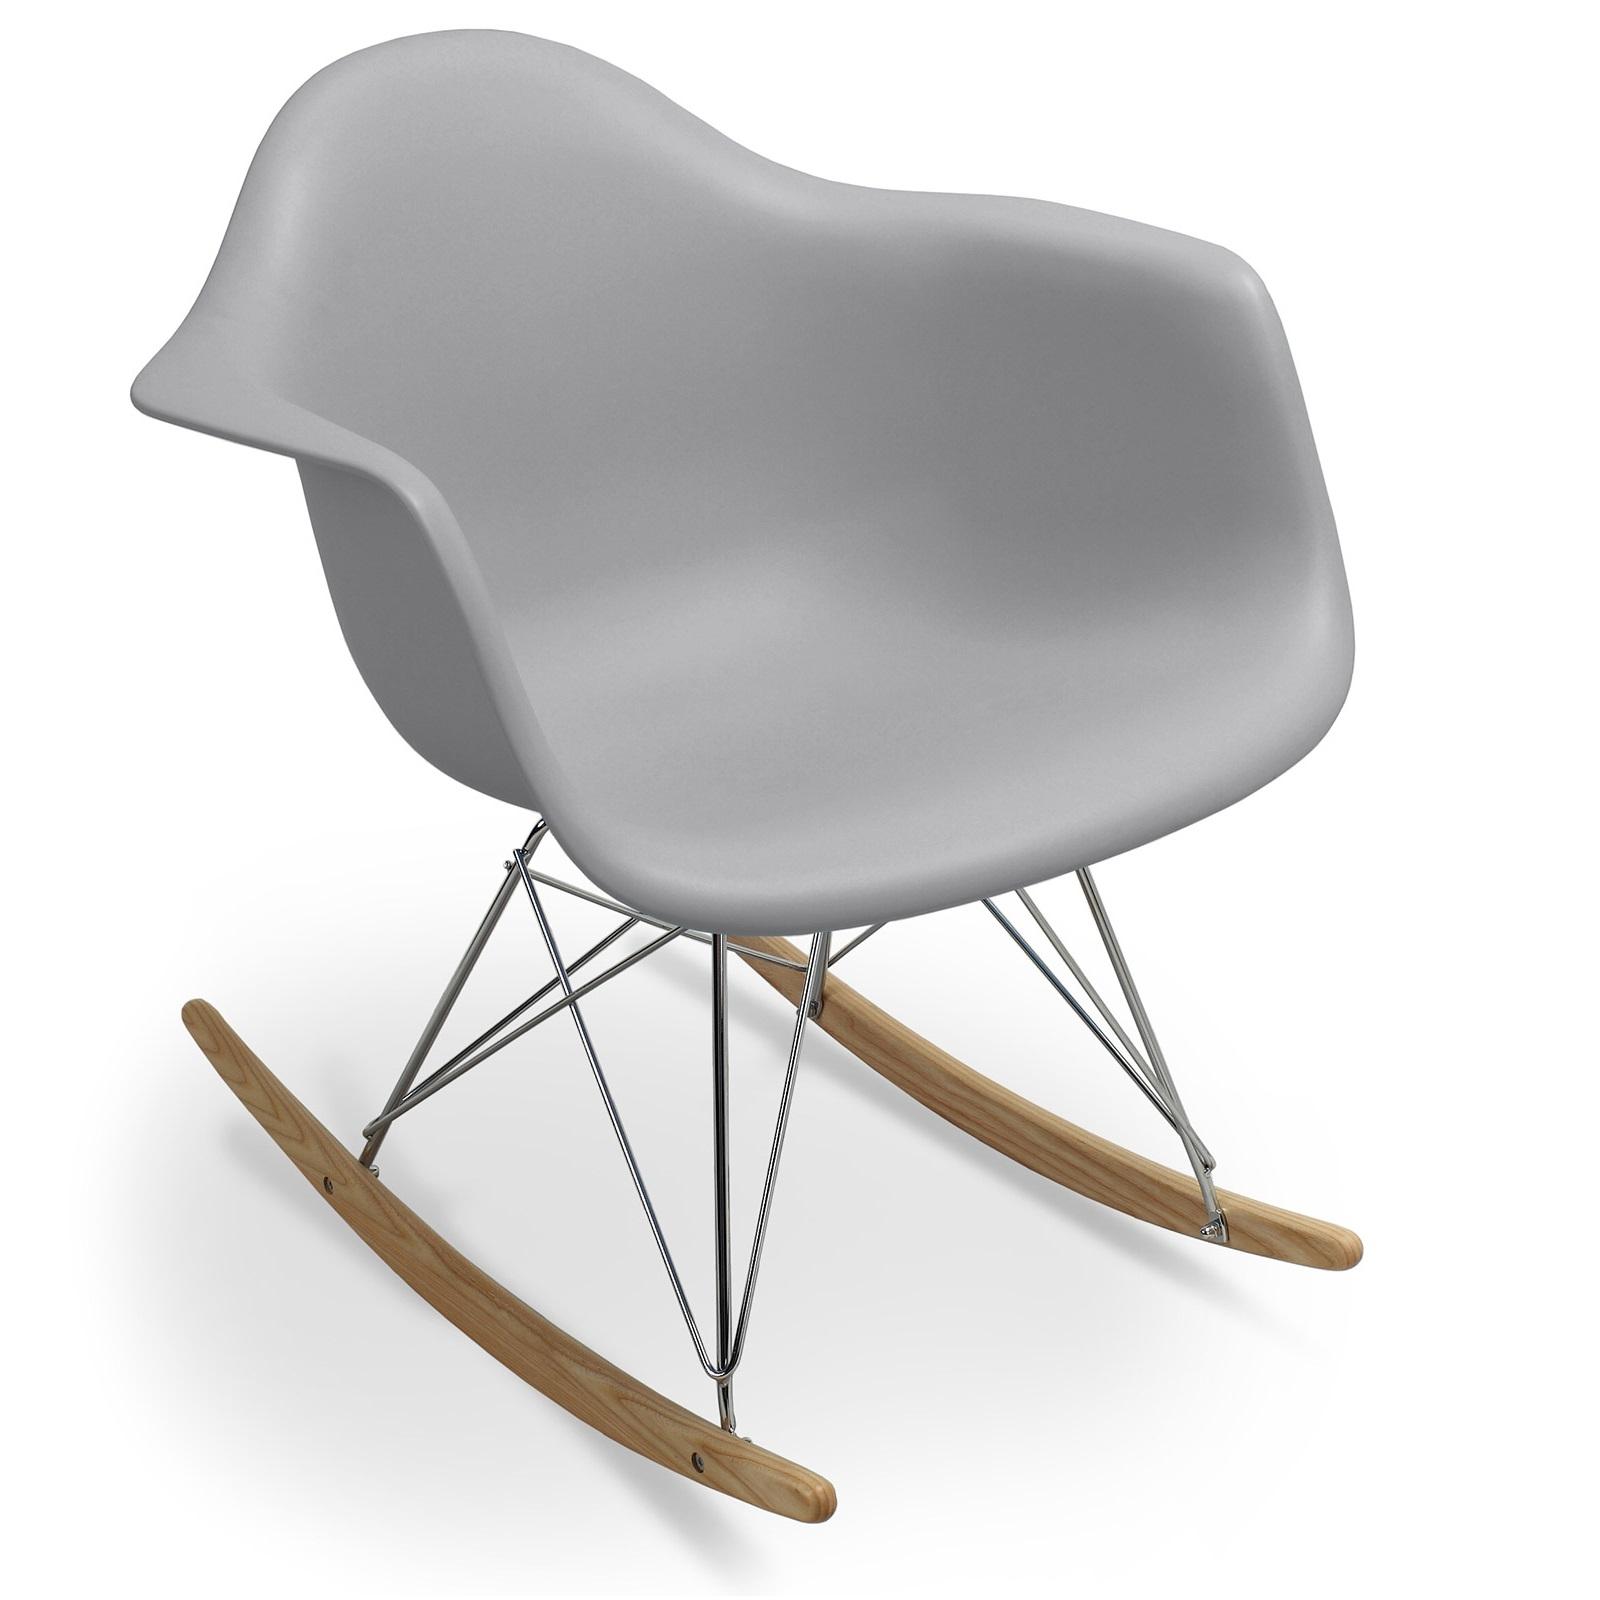 fauteuil à bascule gris clair mat inspirée charles eames ... - Chaise A Bascule Charles Eames